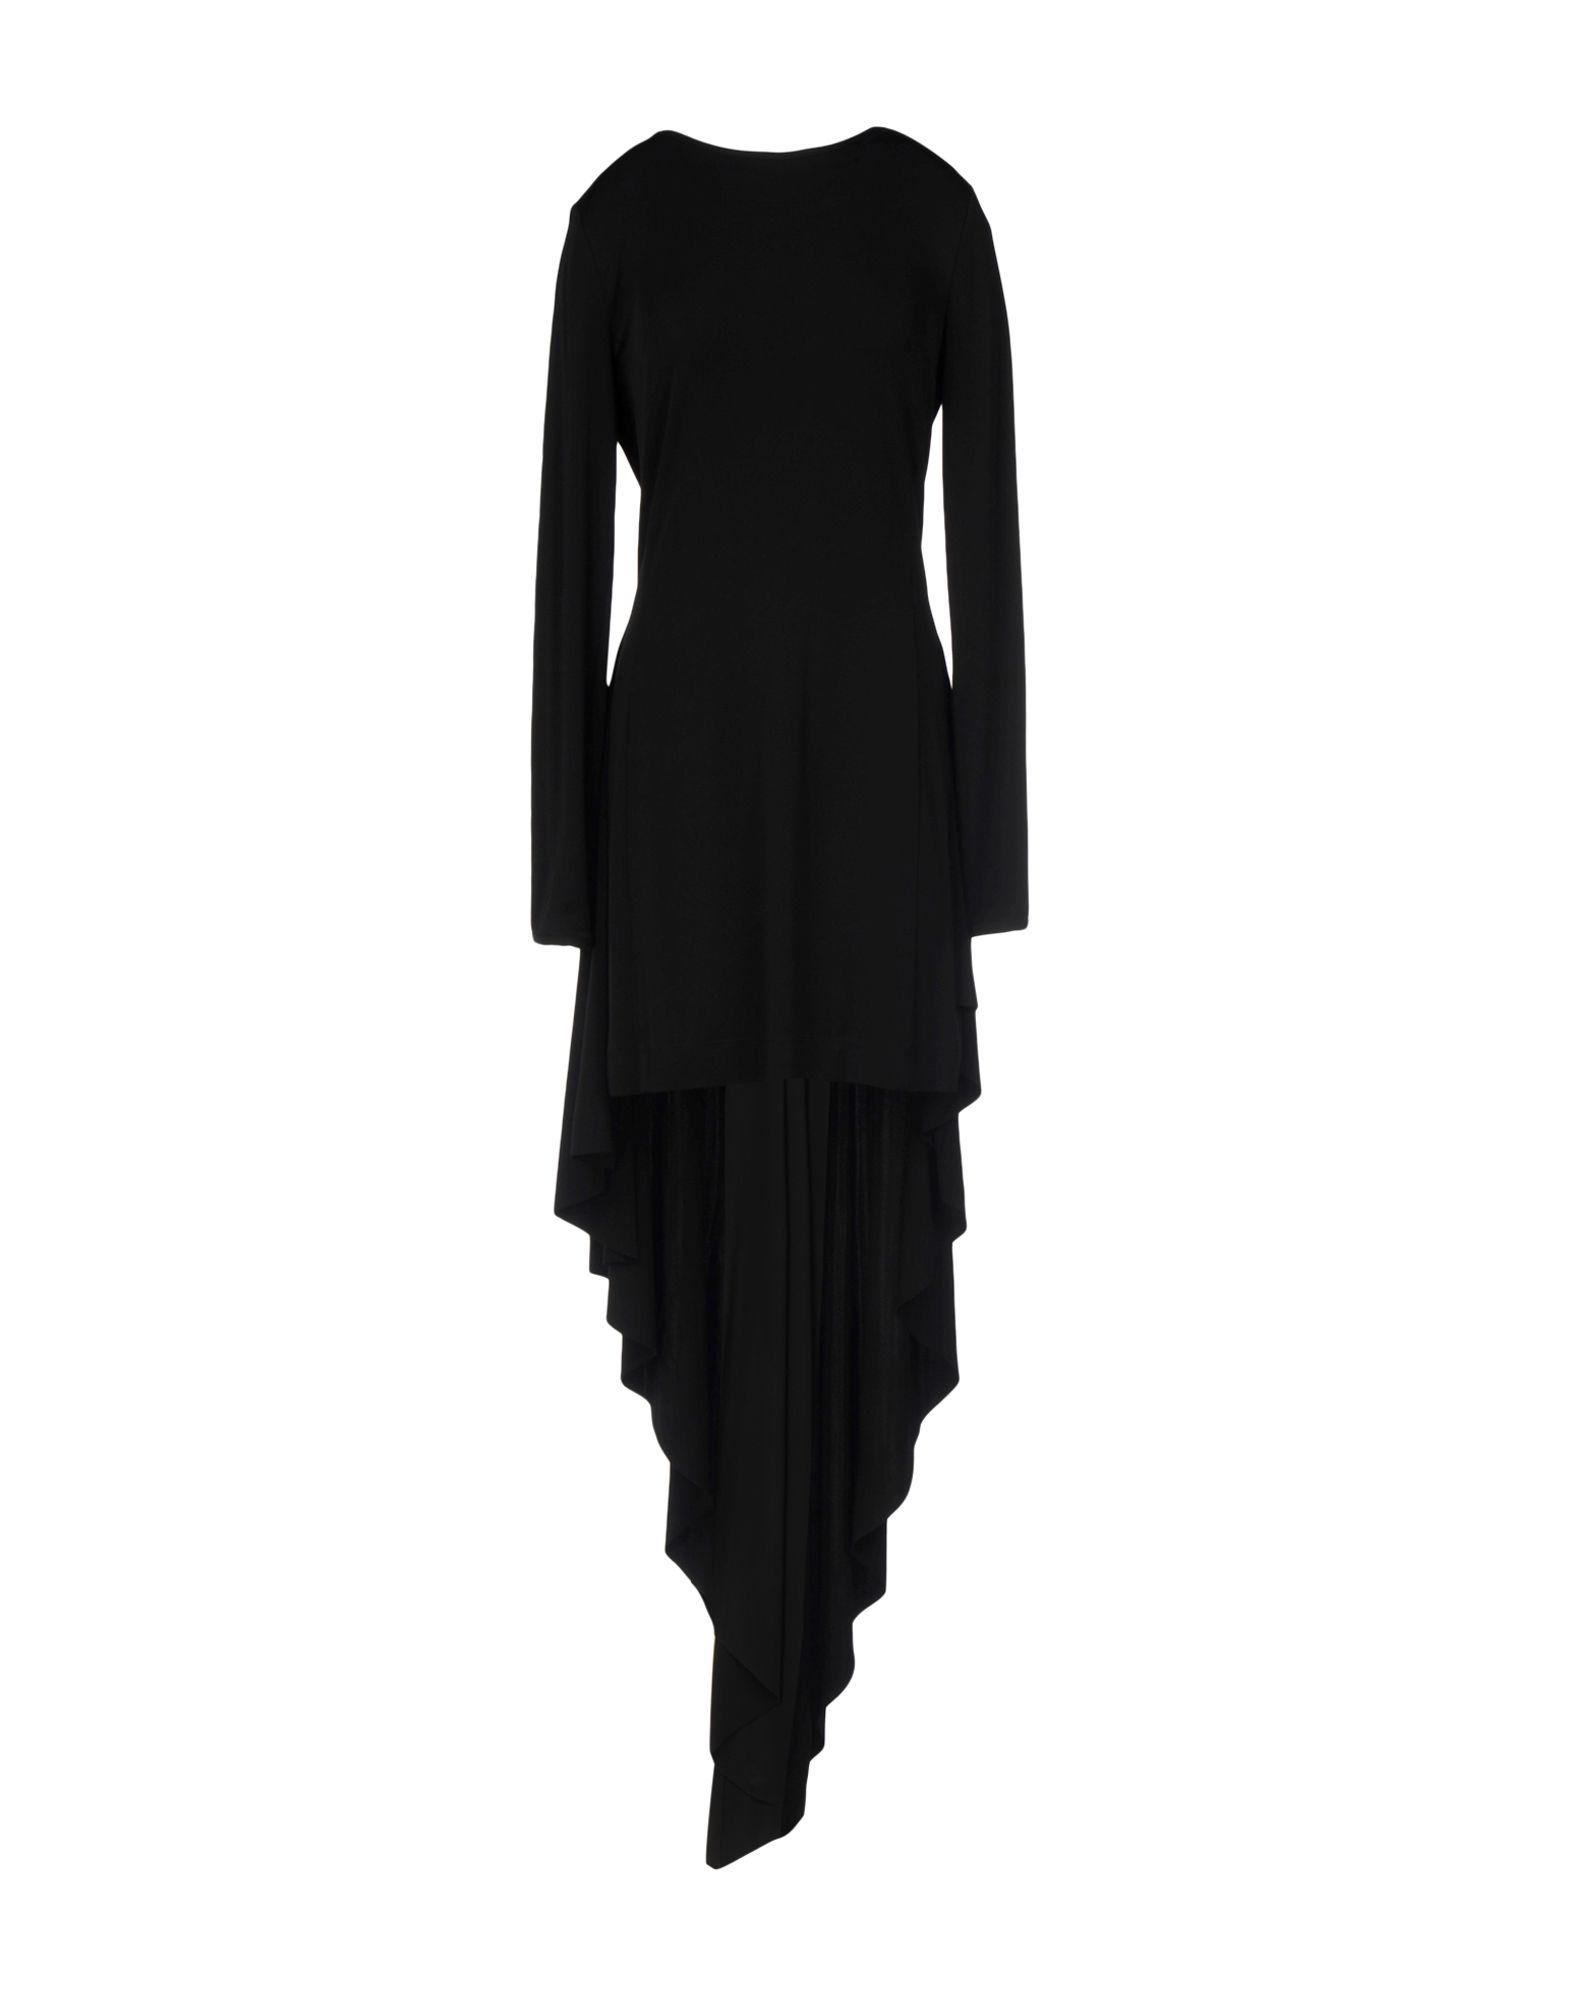 купить ANTONIO BERARDI Короткое платье по цене 47000 рублей